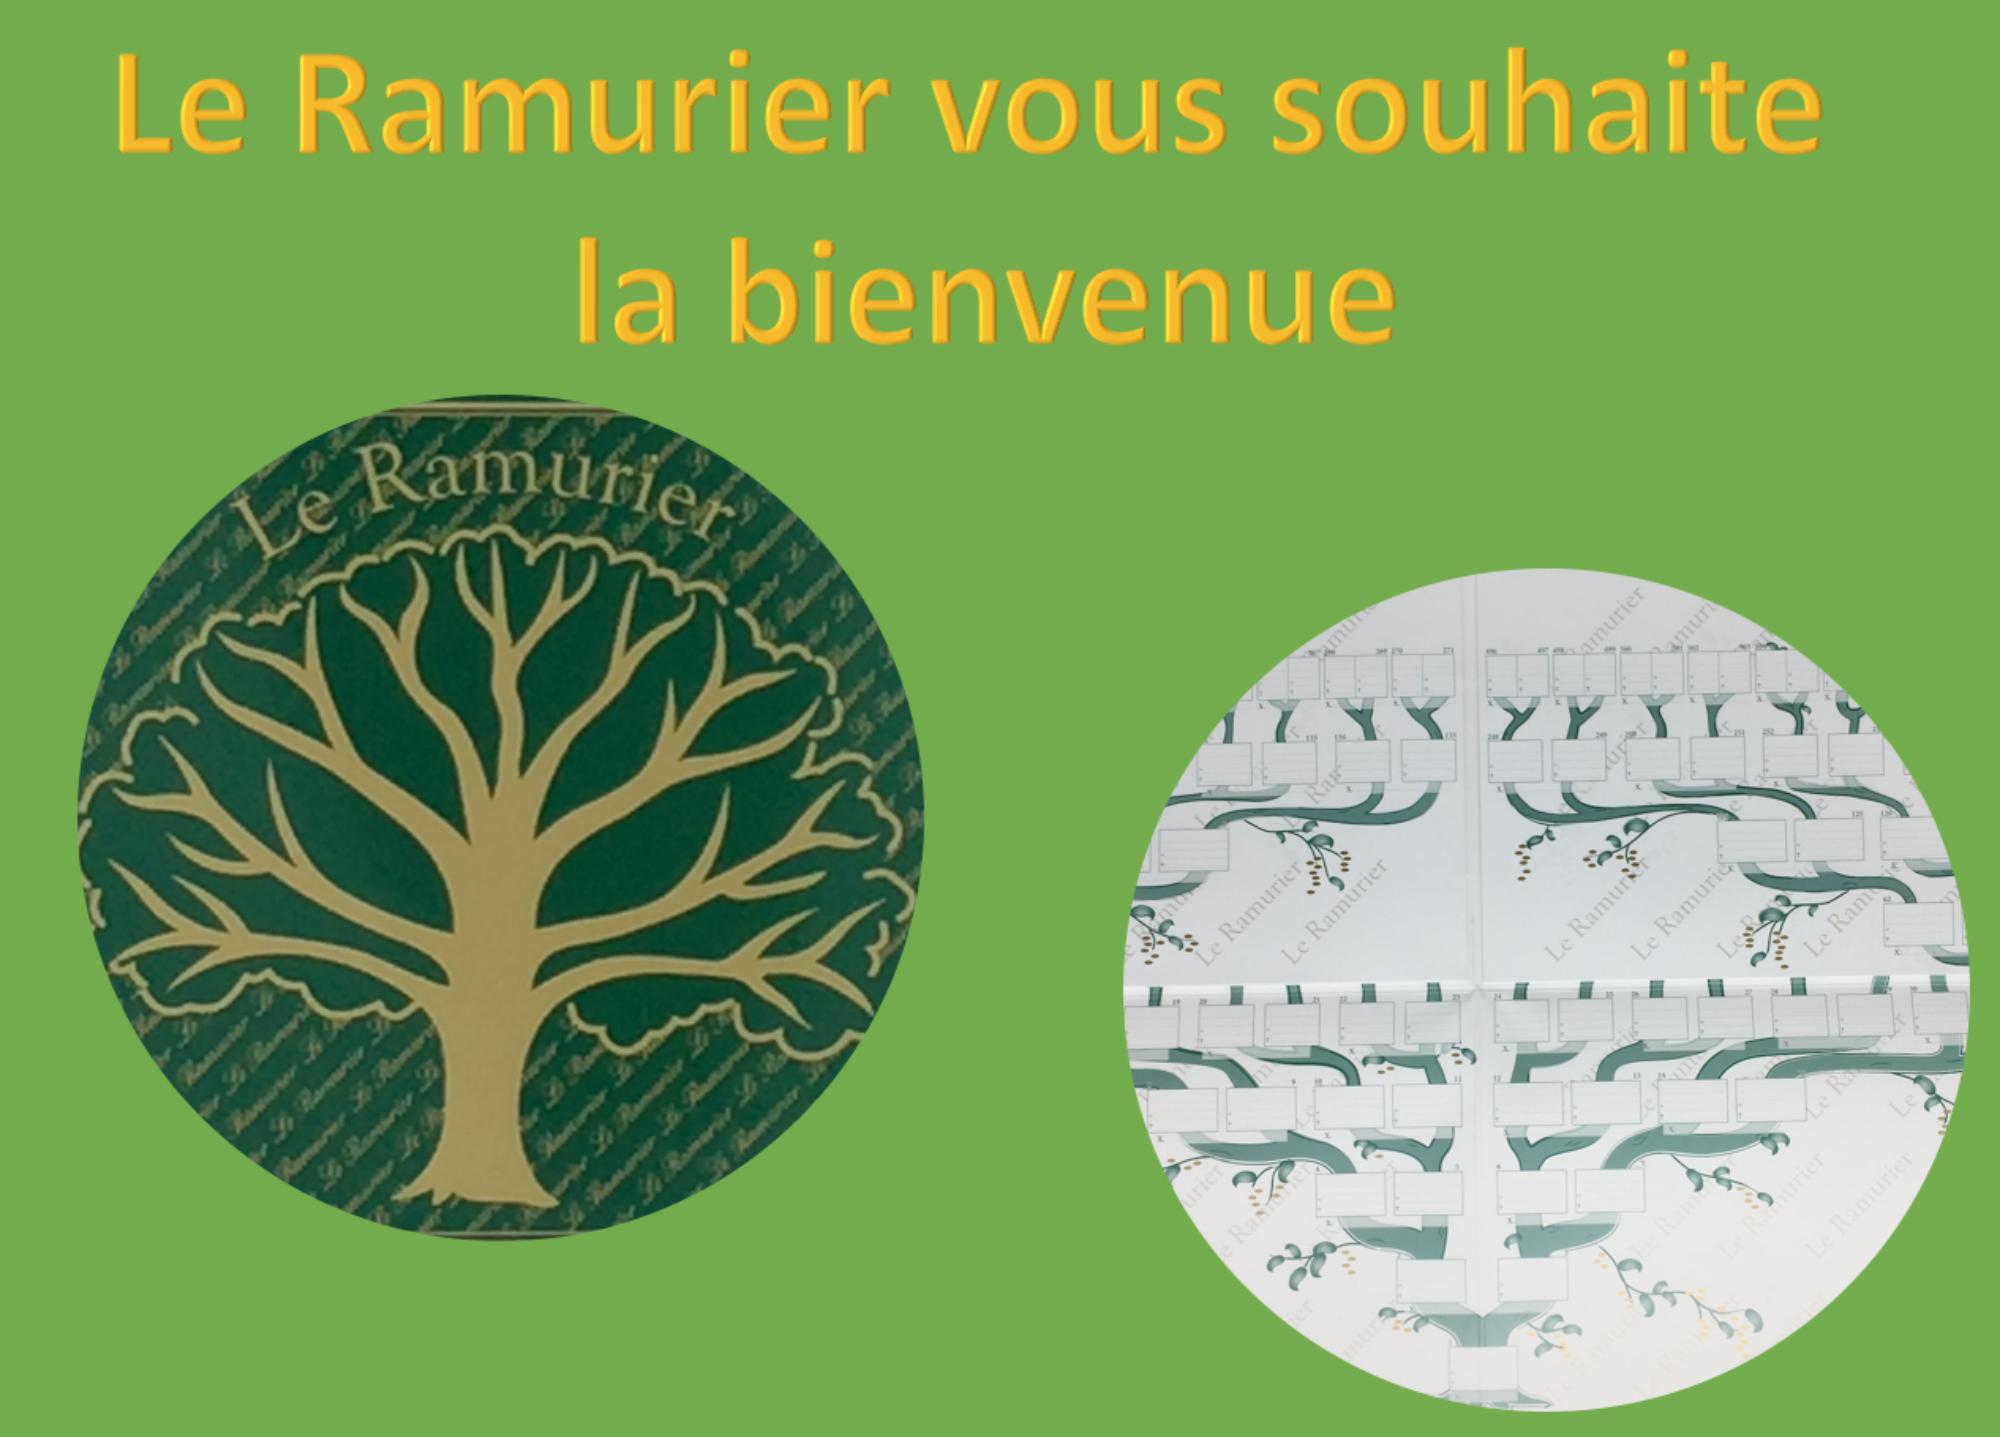 LE RAMURIER